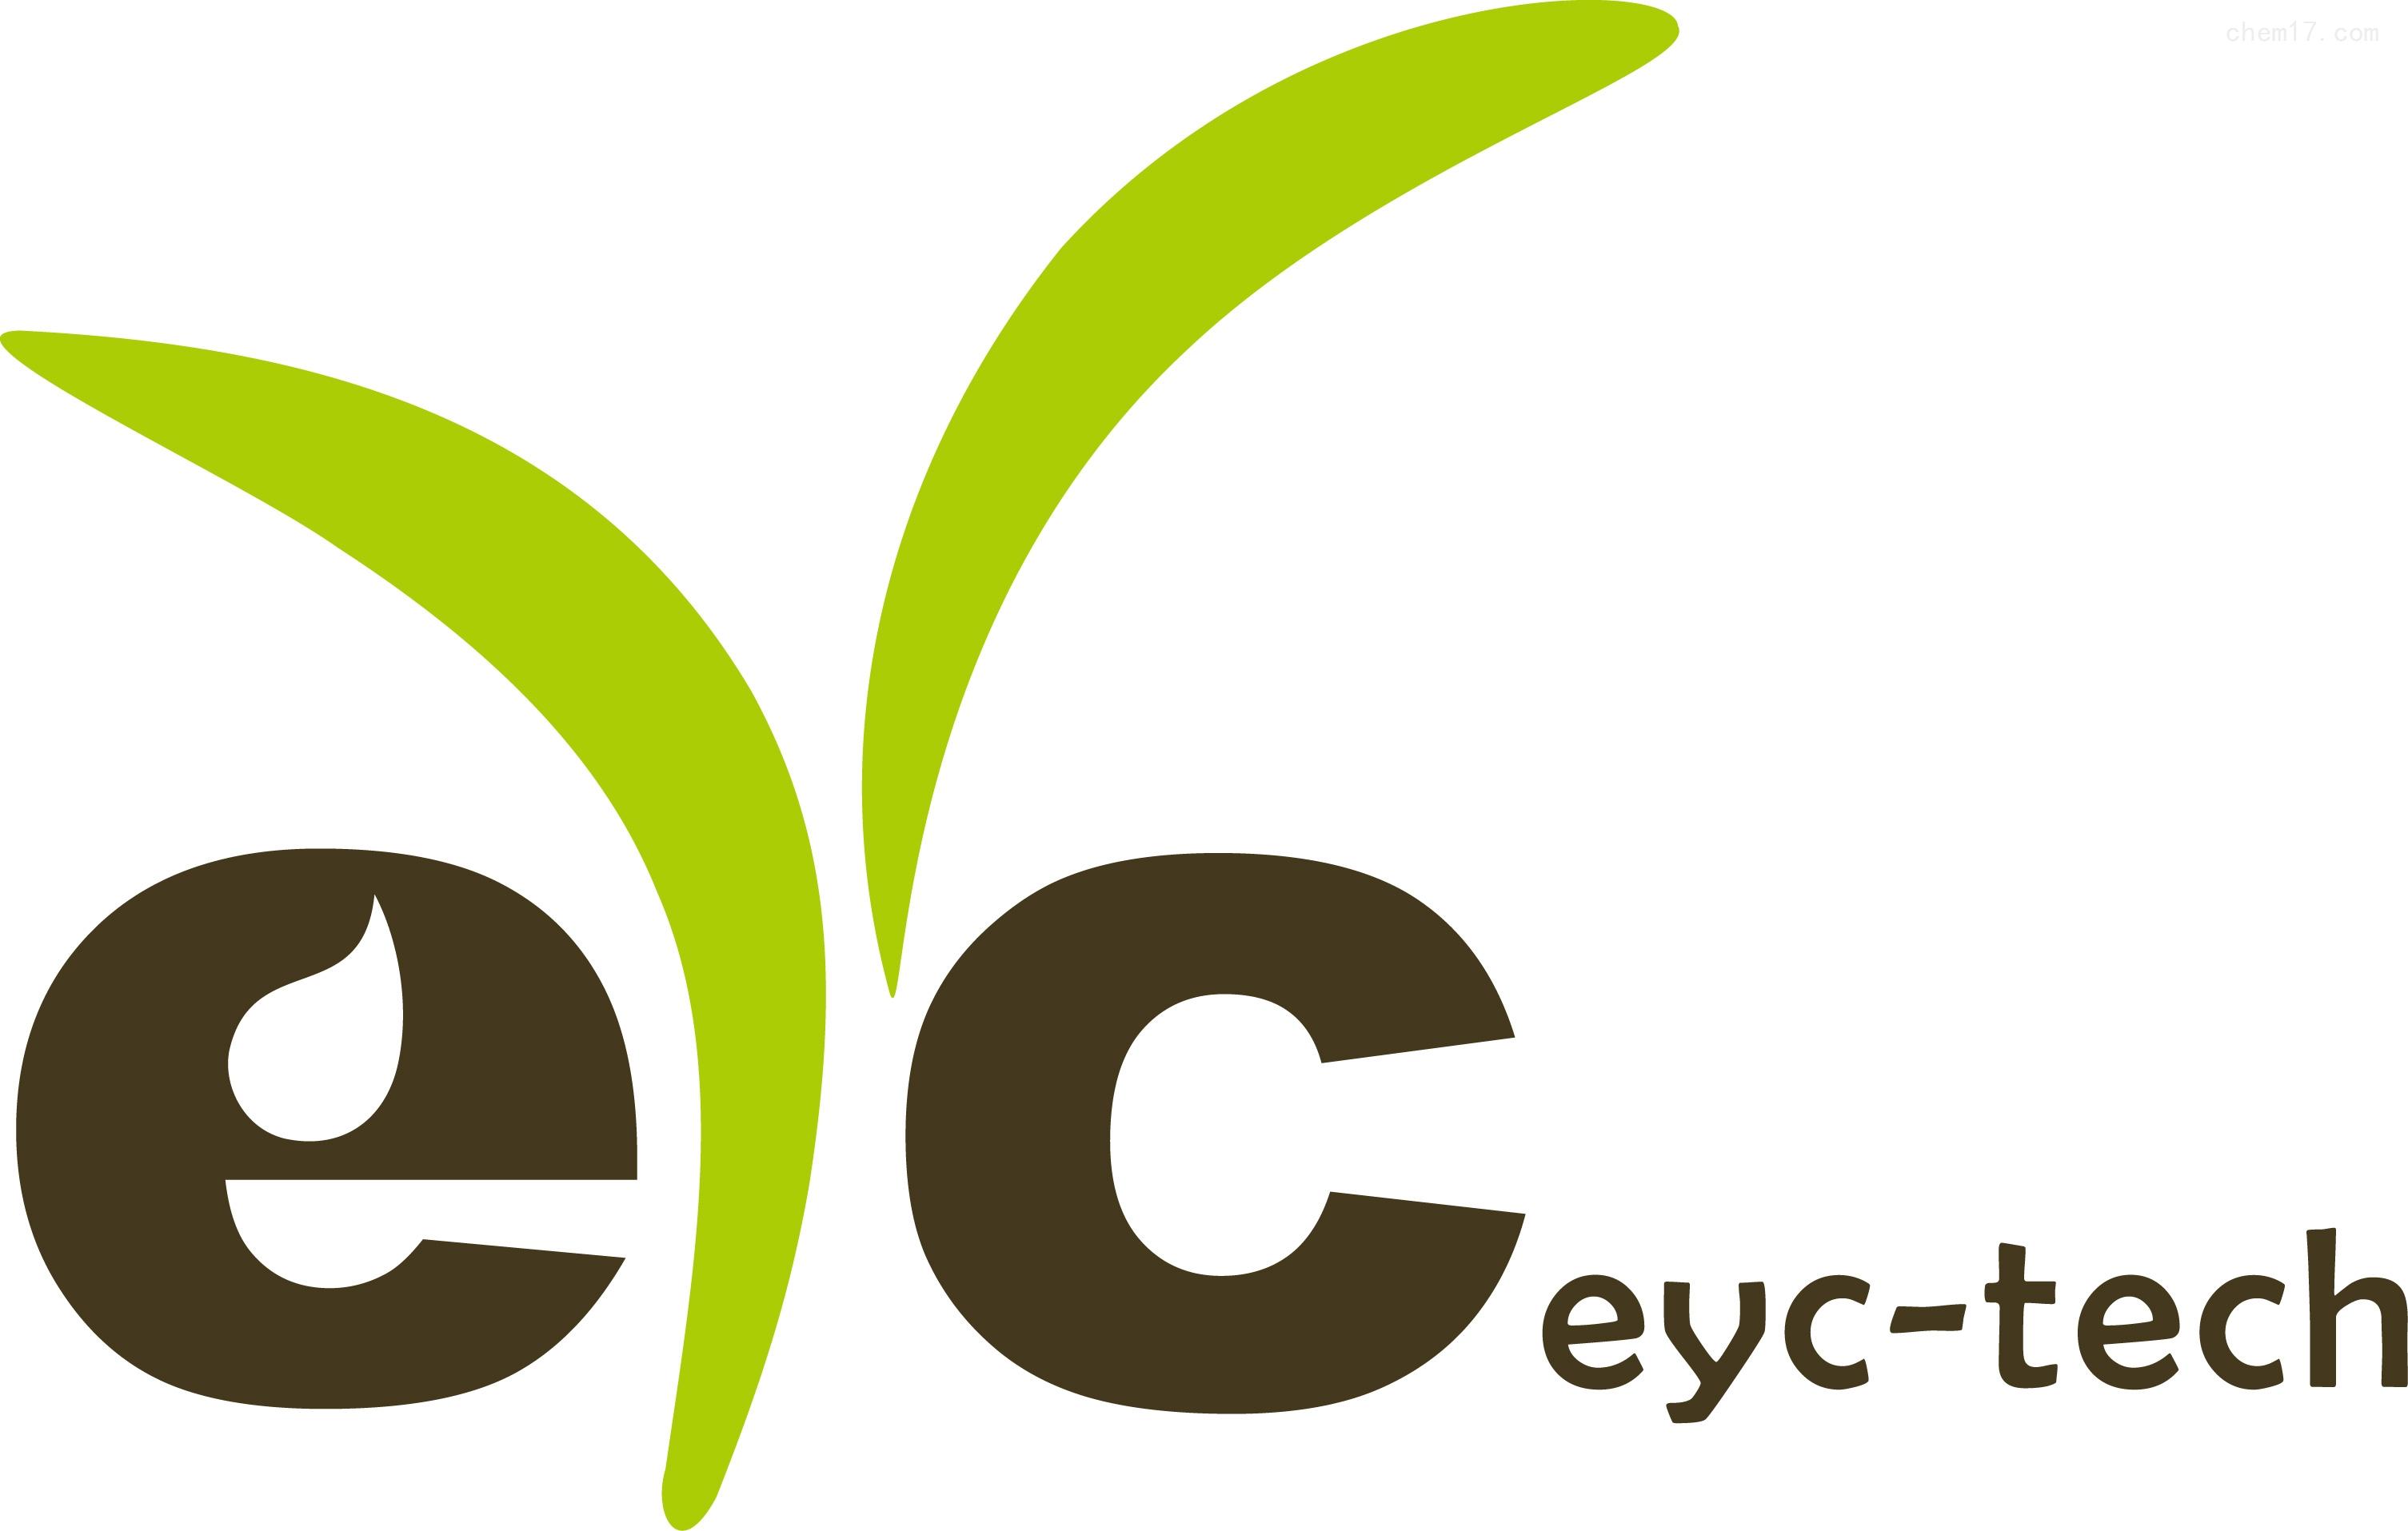 logo logo 标志 设计 矢量 矢量图 素材 图标 3011_1915